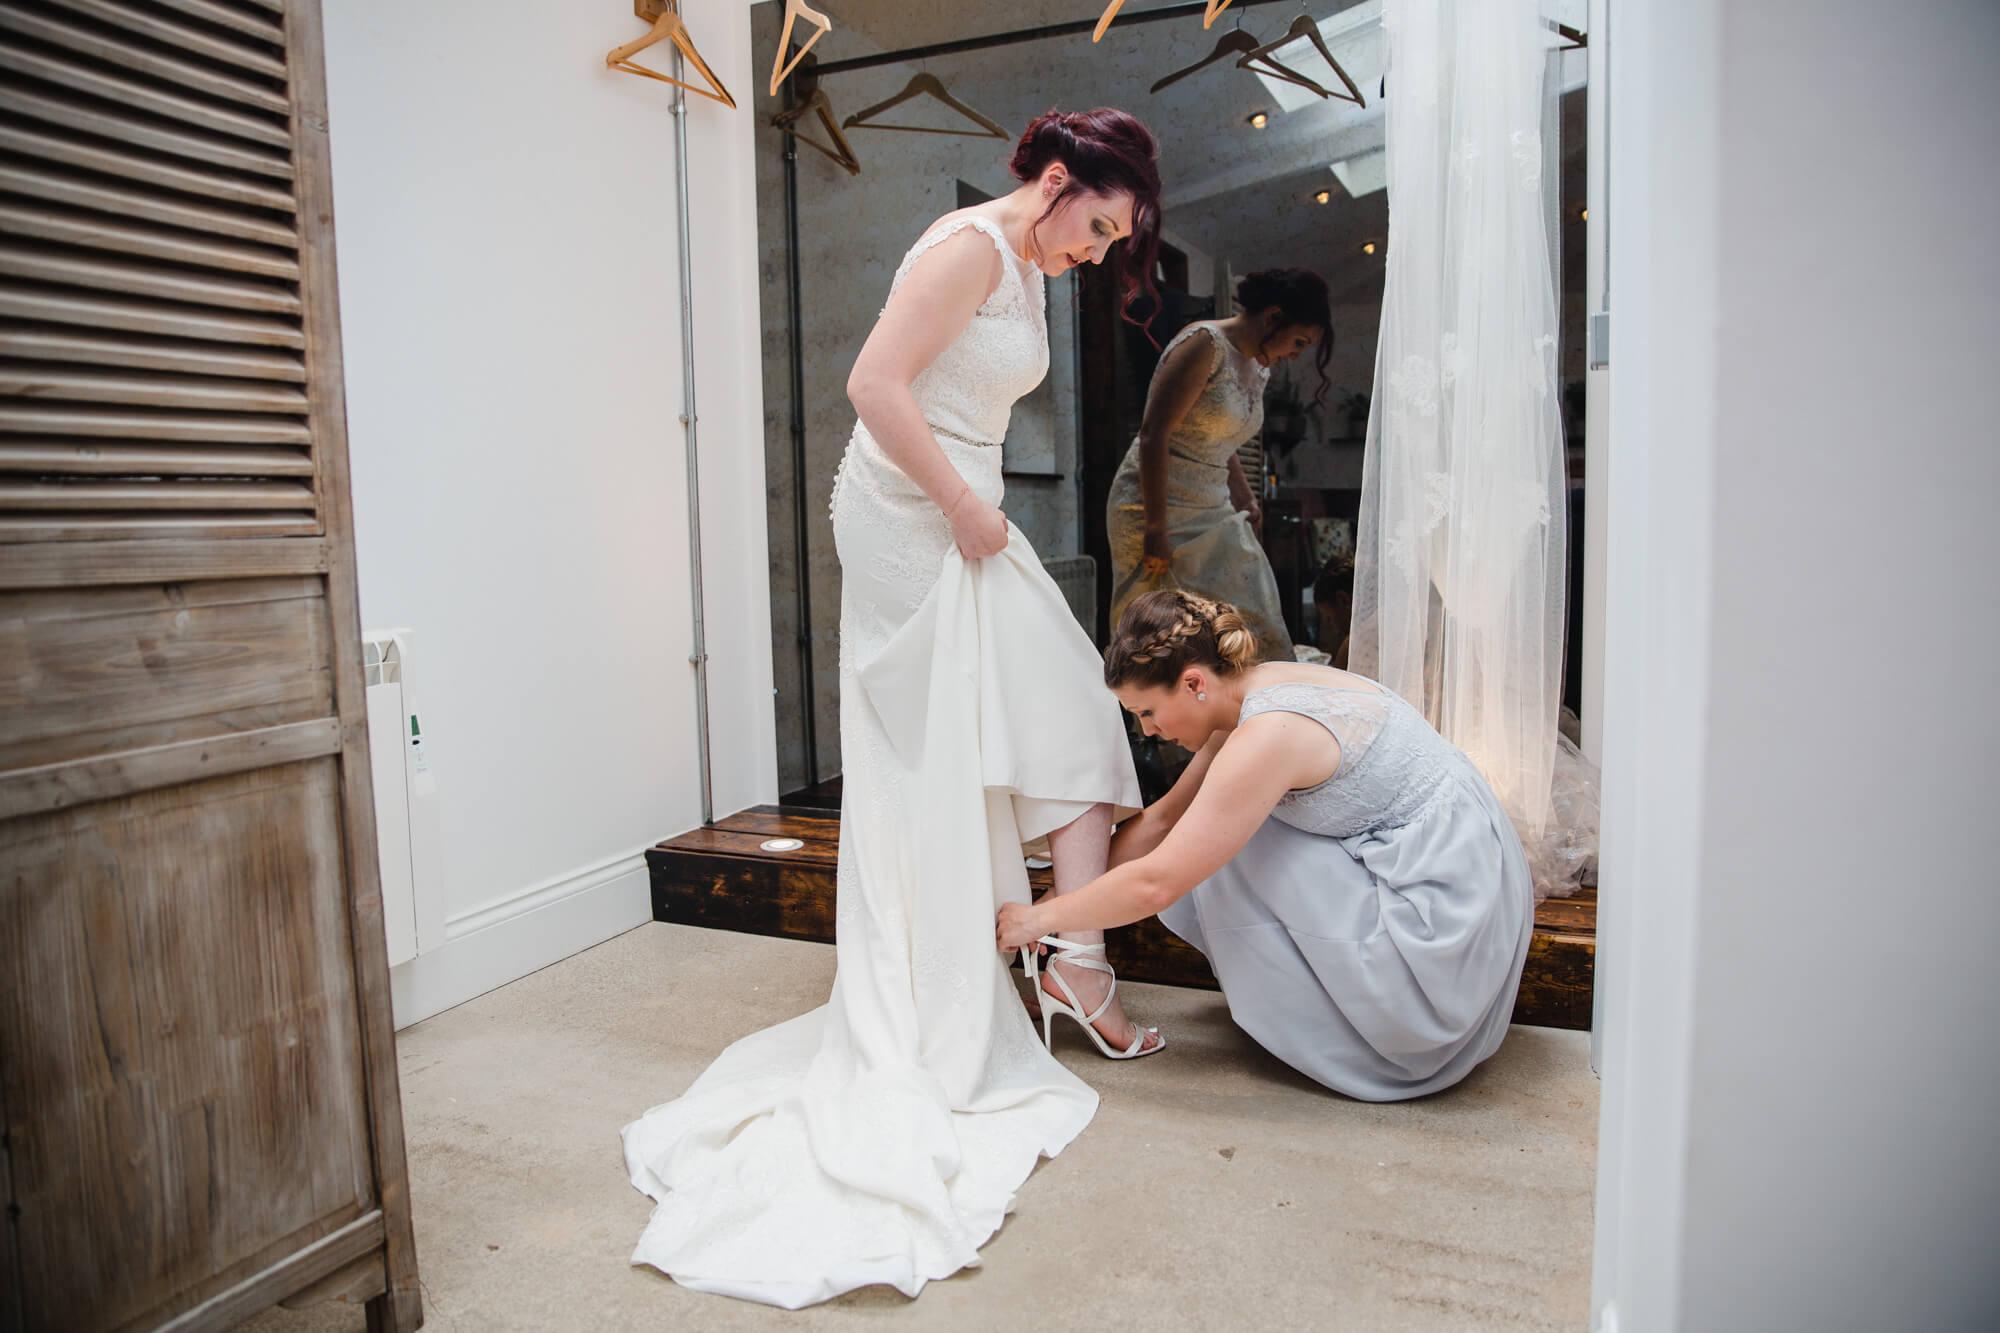 bridesmaid helping bride into wedding dress before ceremony begins